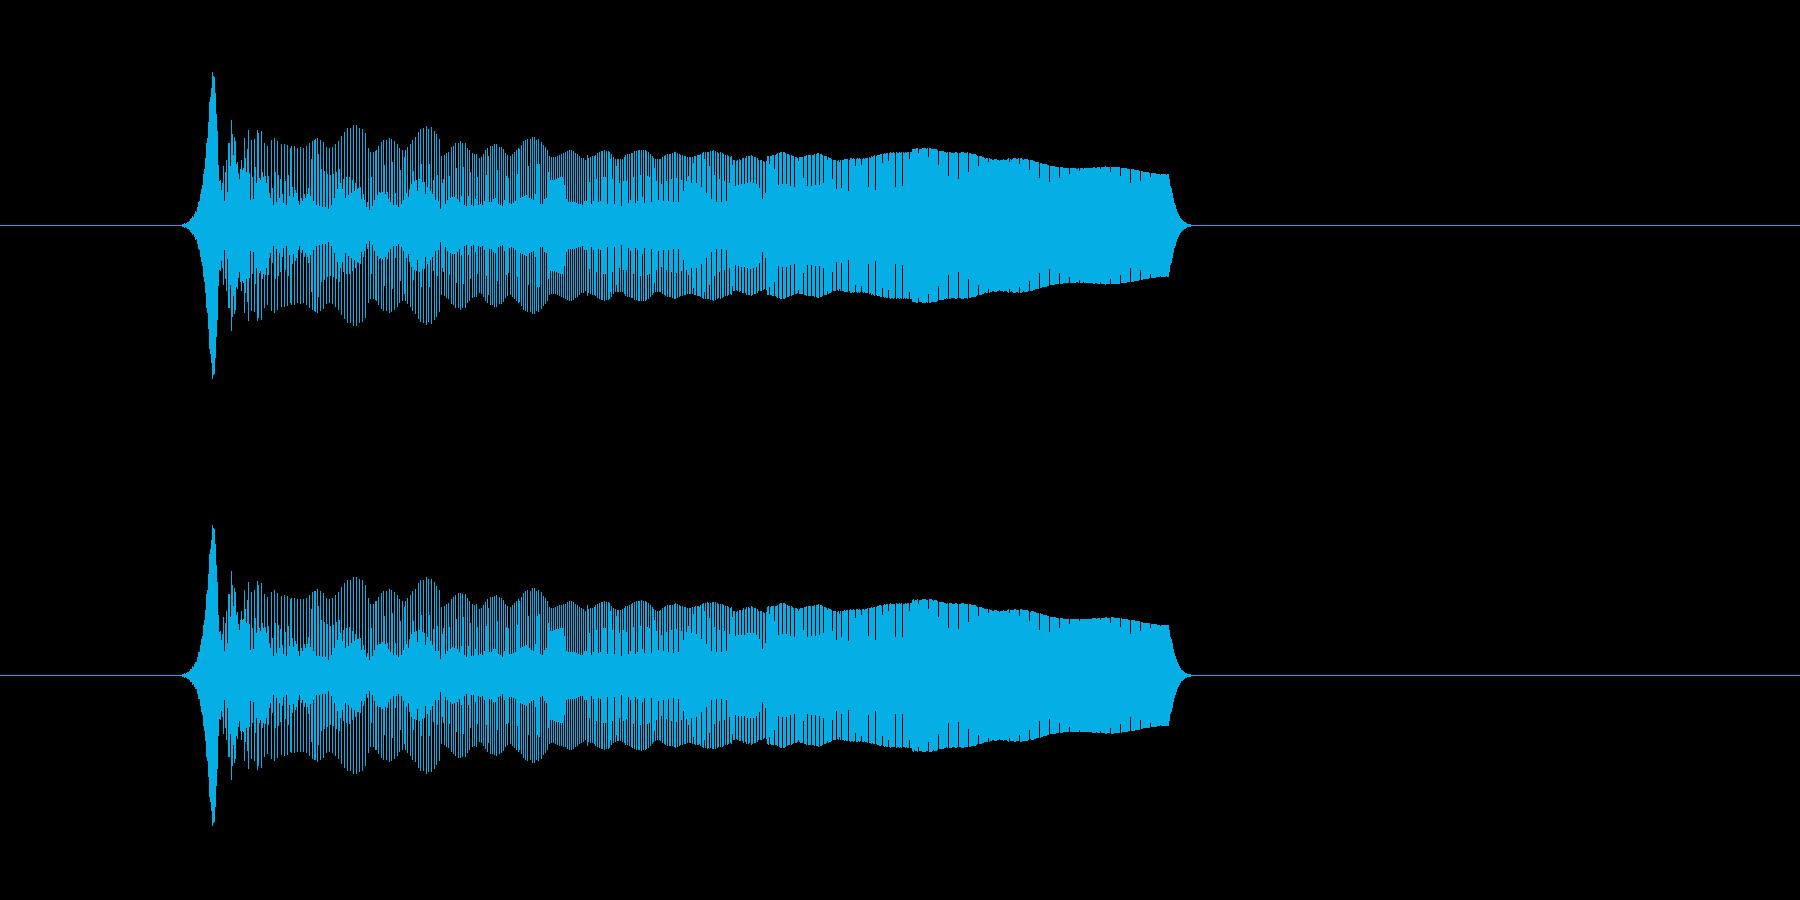 上昇効果音 コミカルな音 お笑い 演出の再生済みの波形